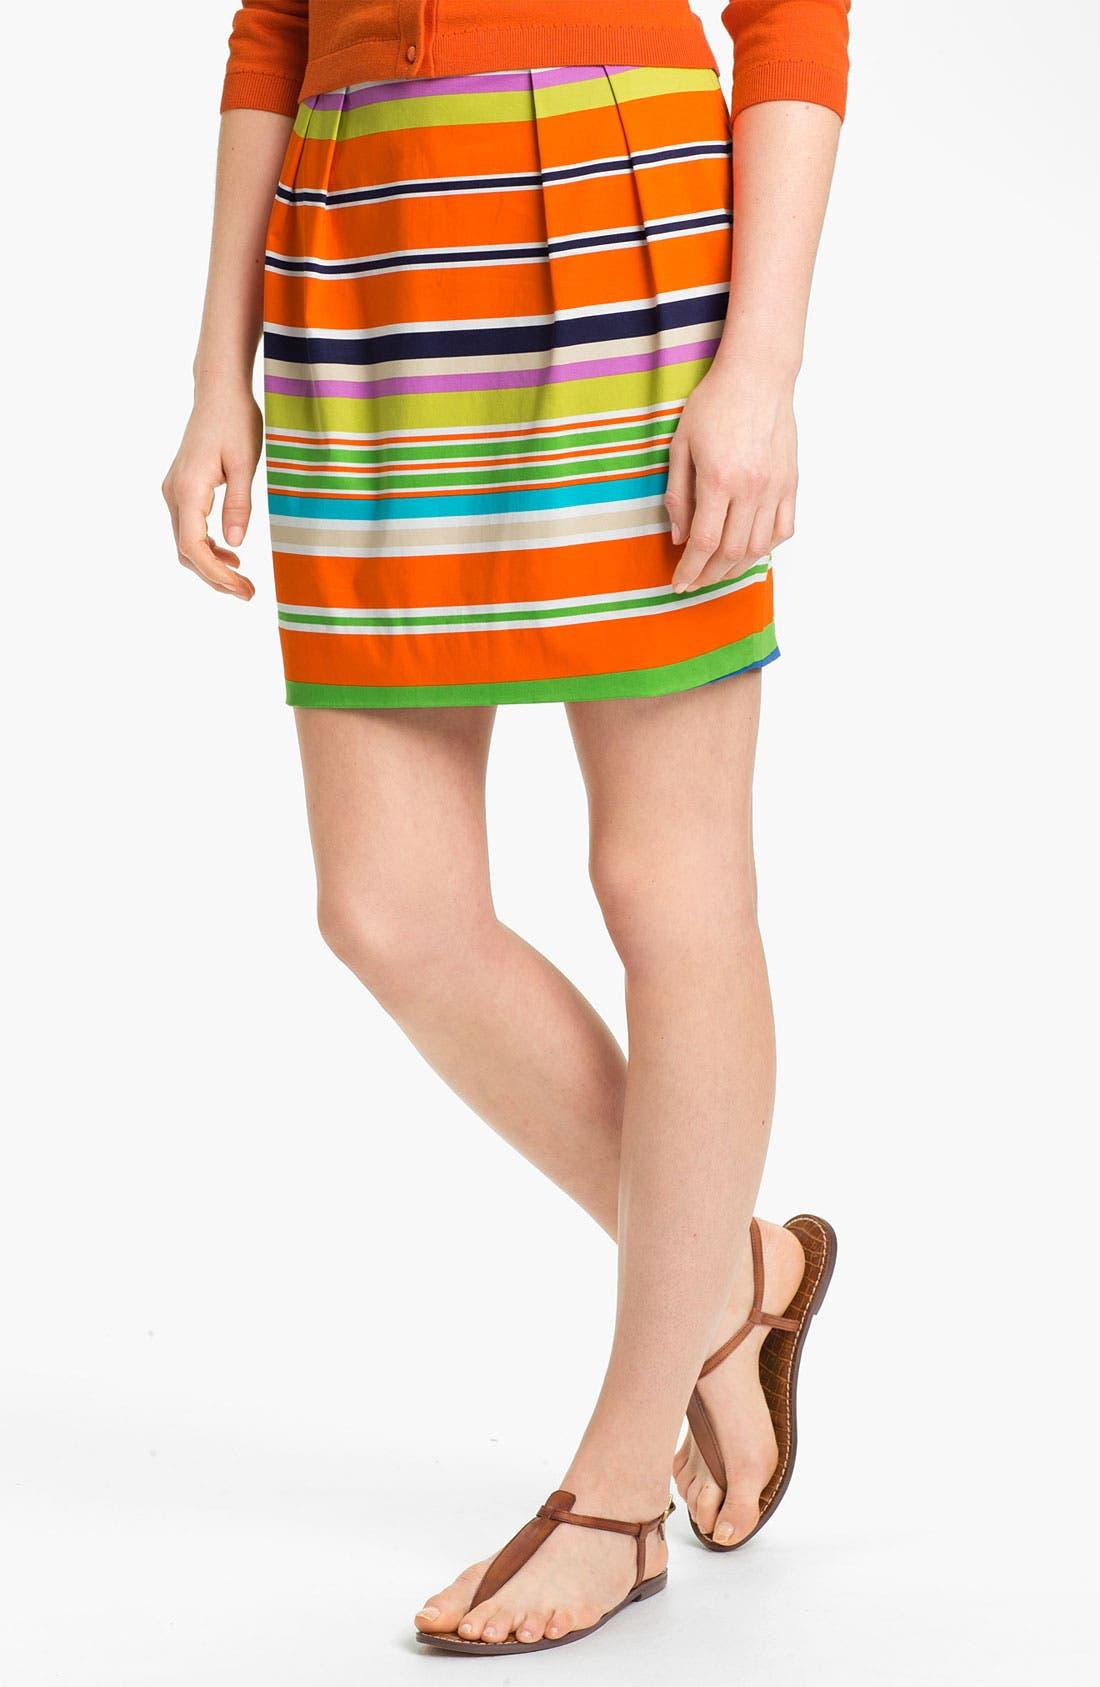 Alternate Image 1 Selected - kate spade new york 'barry' skirt